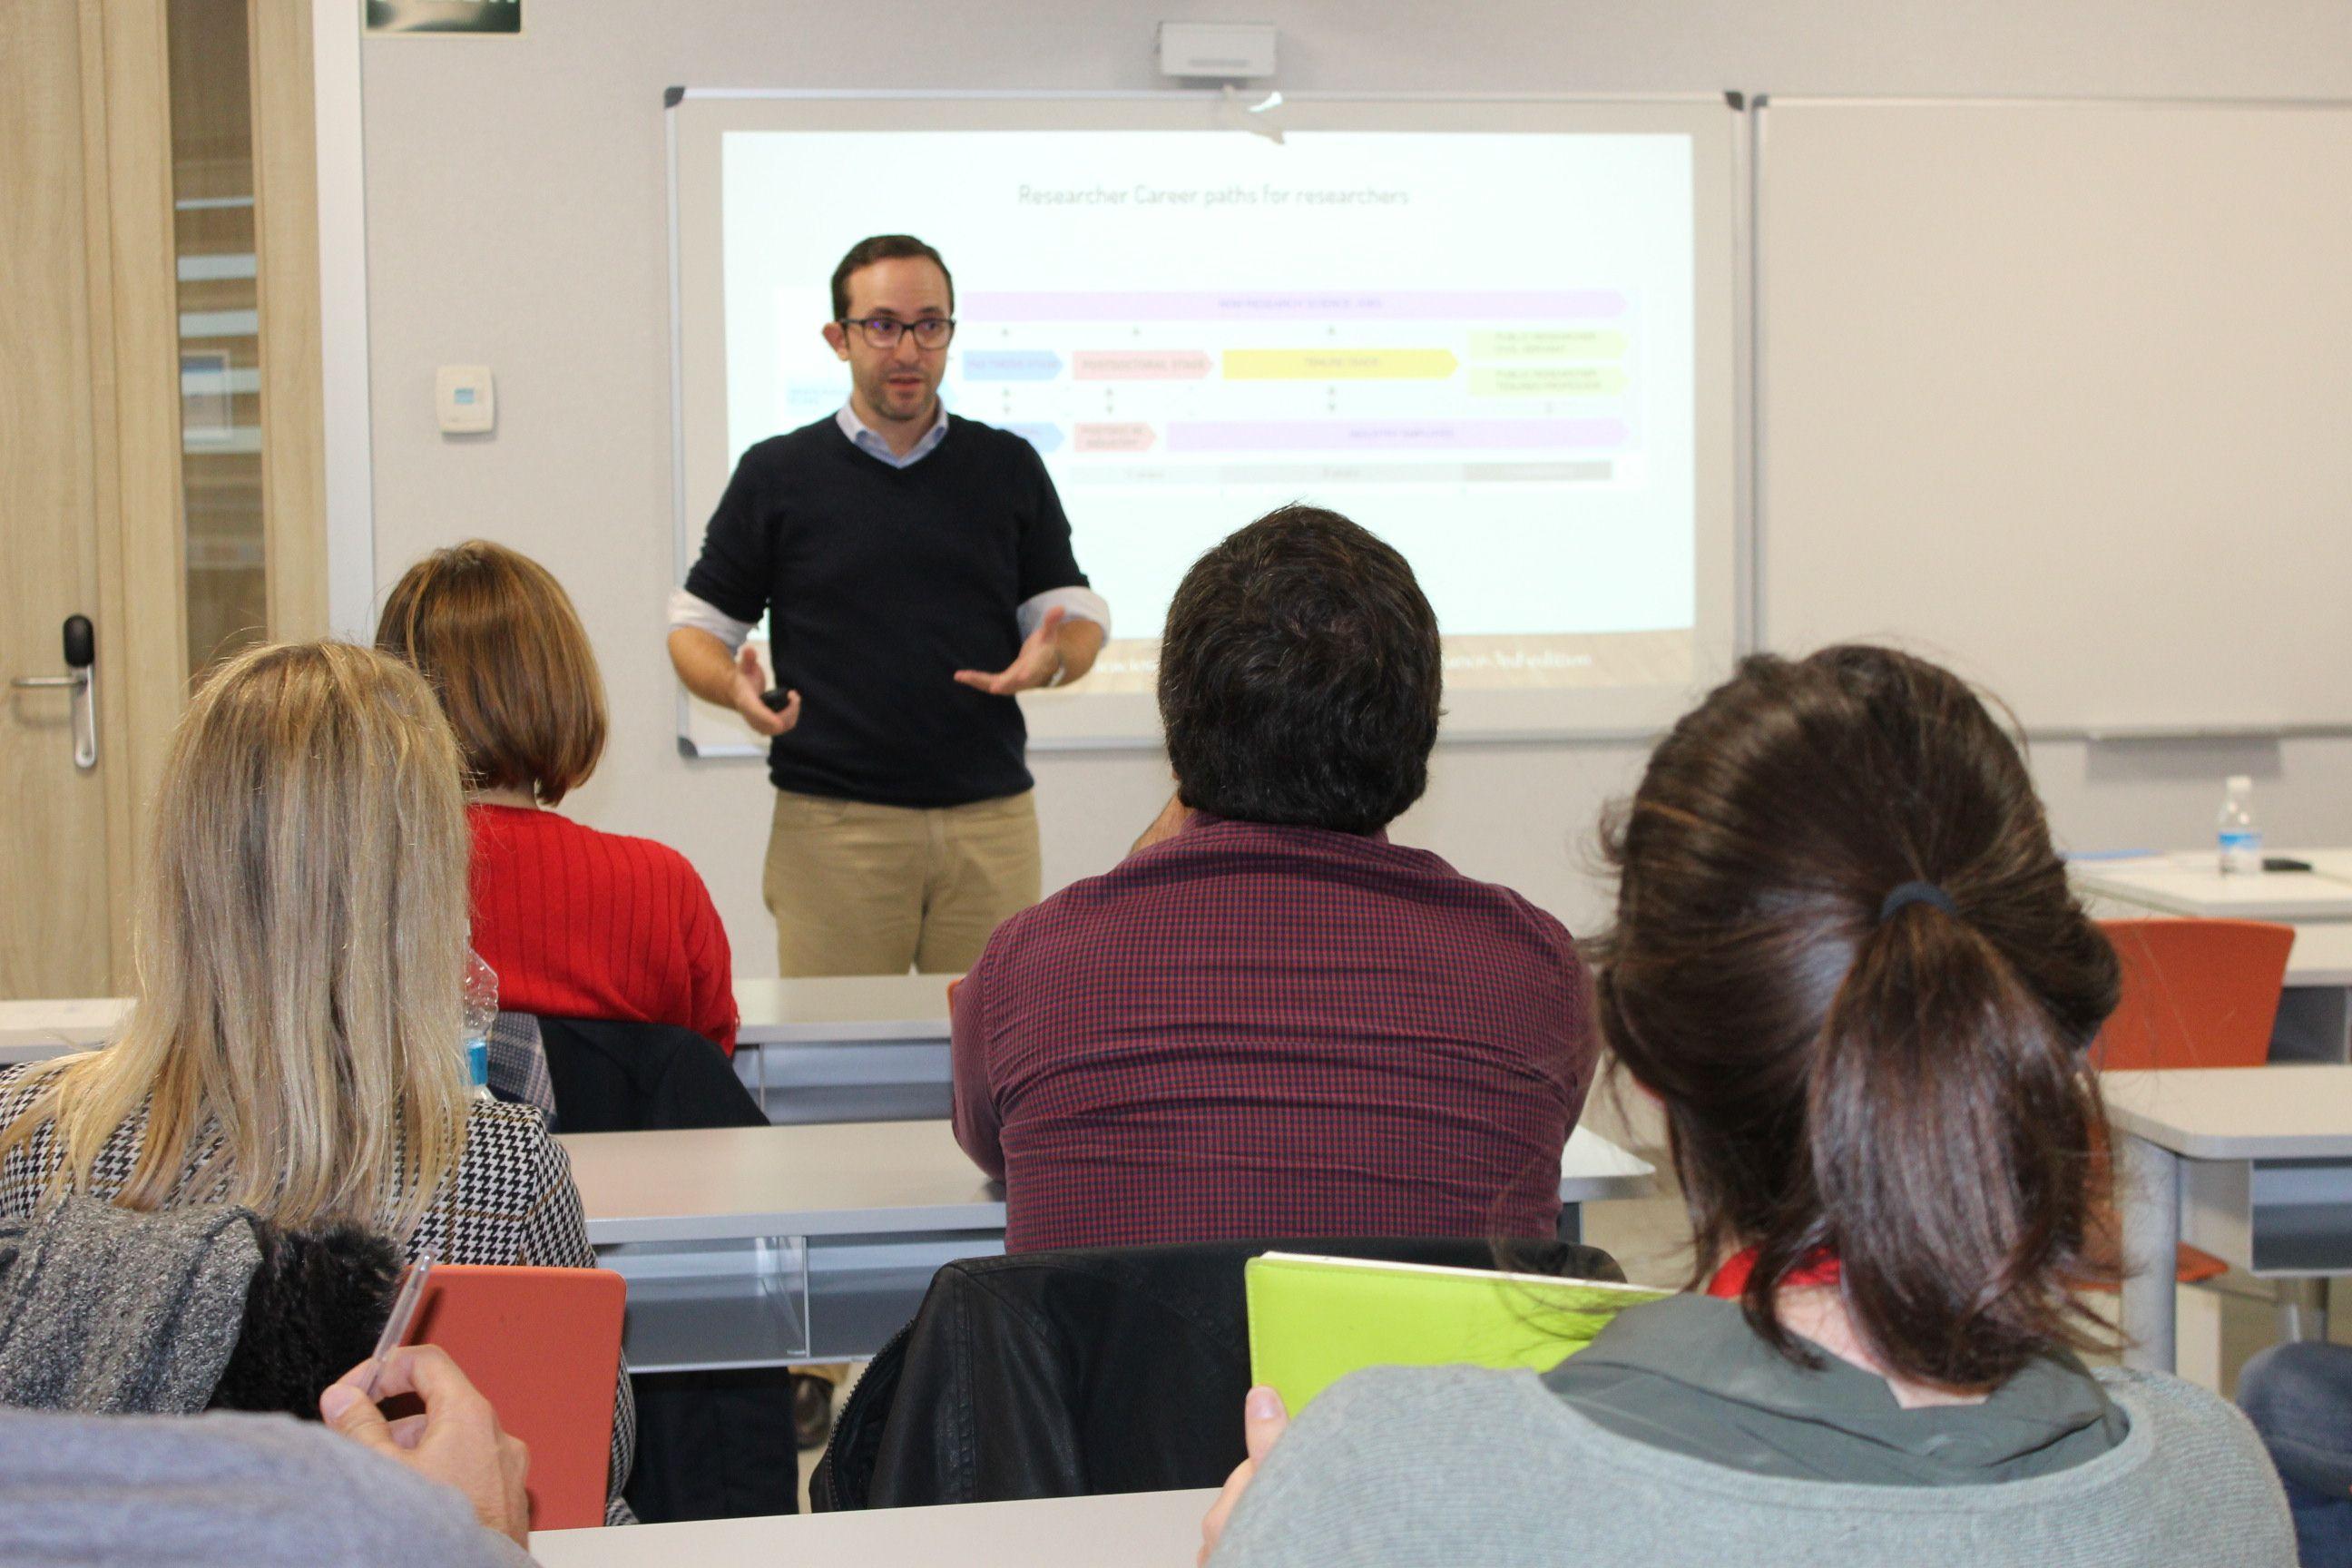 Manolo Castellano, fundador de Carreras Científicas Alternativas, en la sesión formativa organizada por RUVID en la CEU UCH.